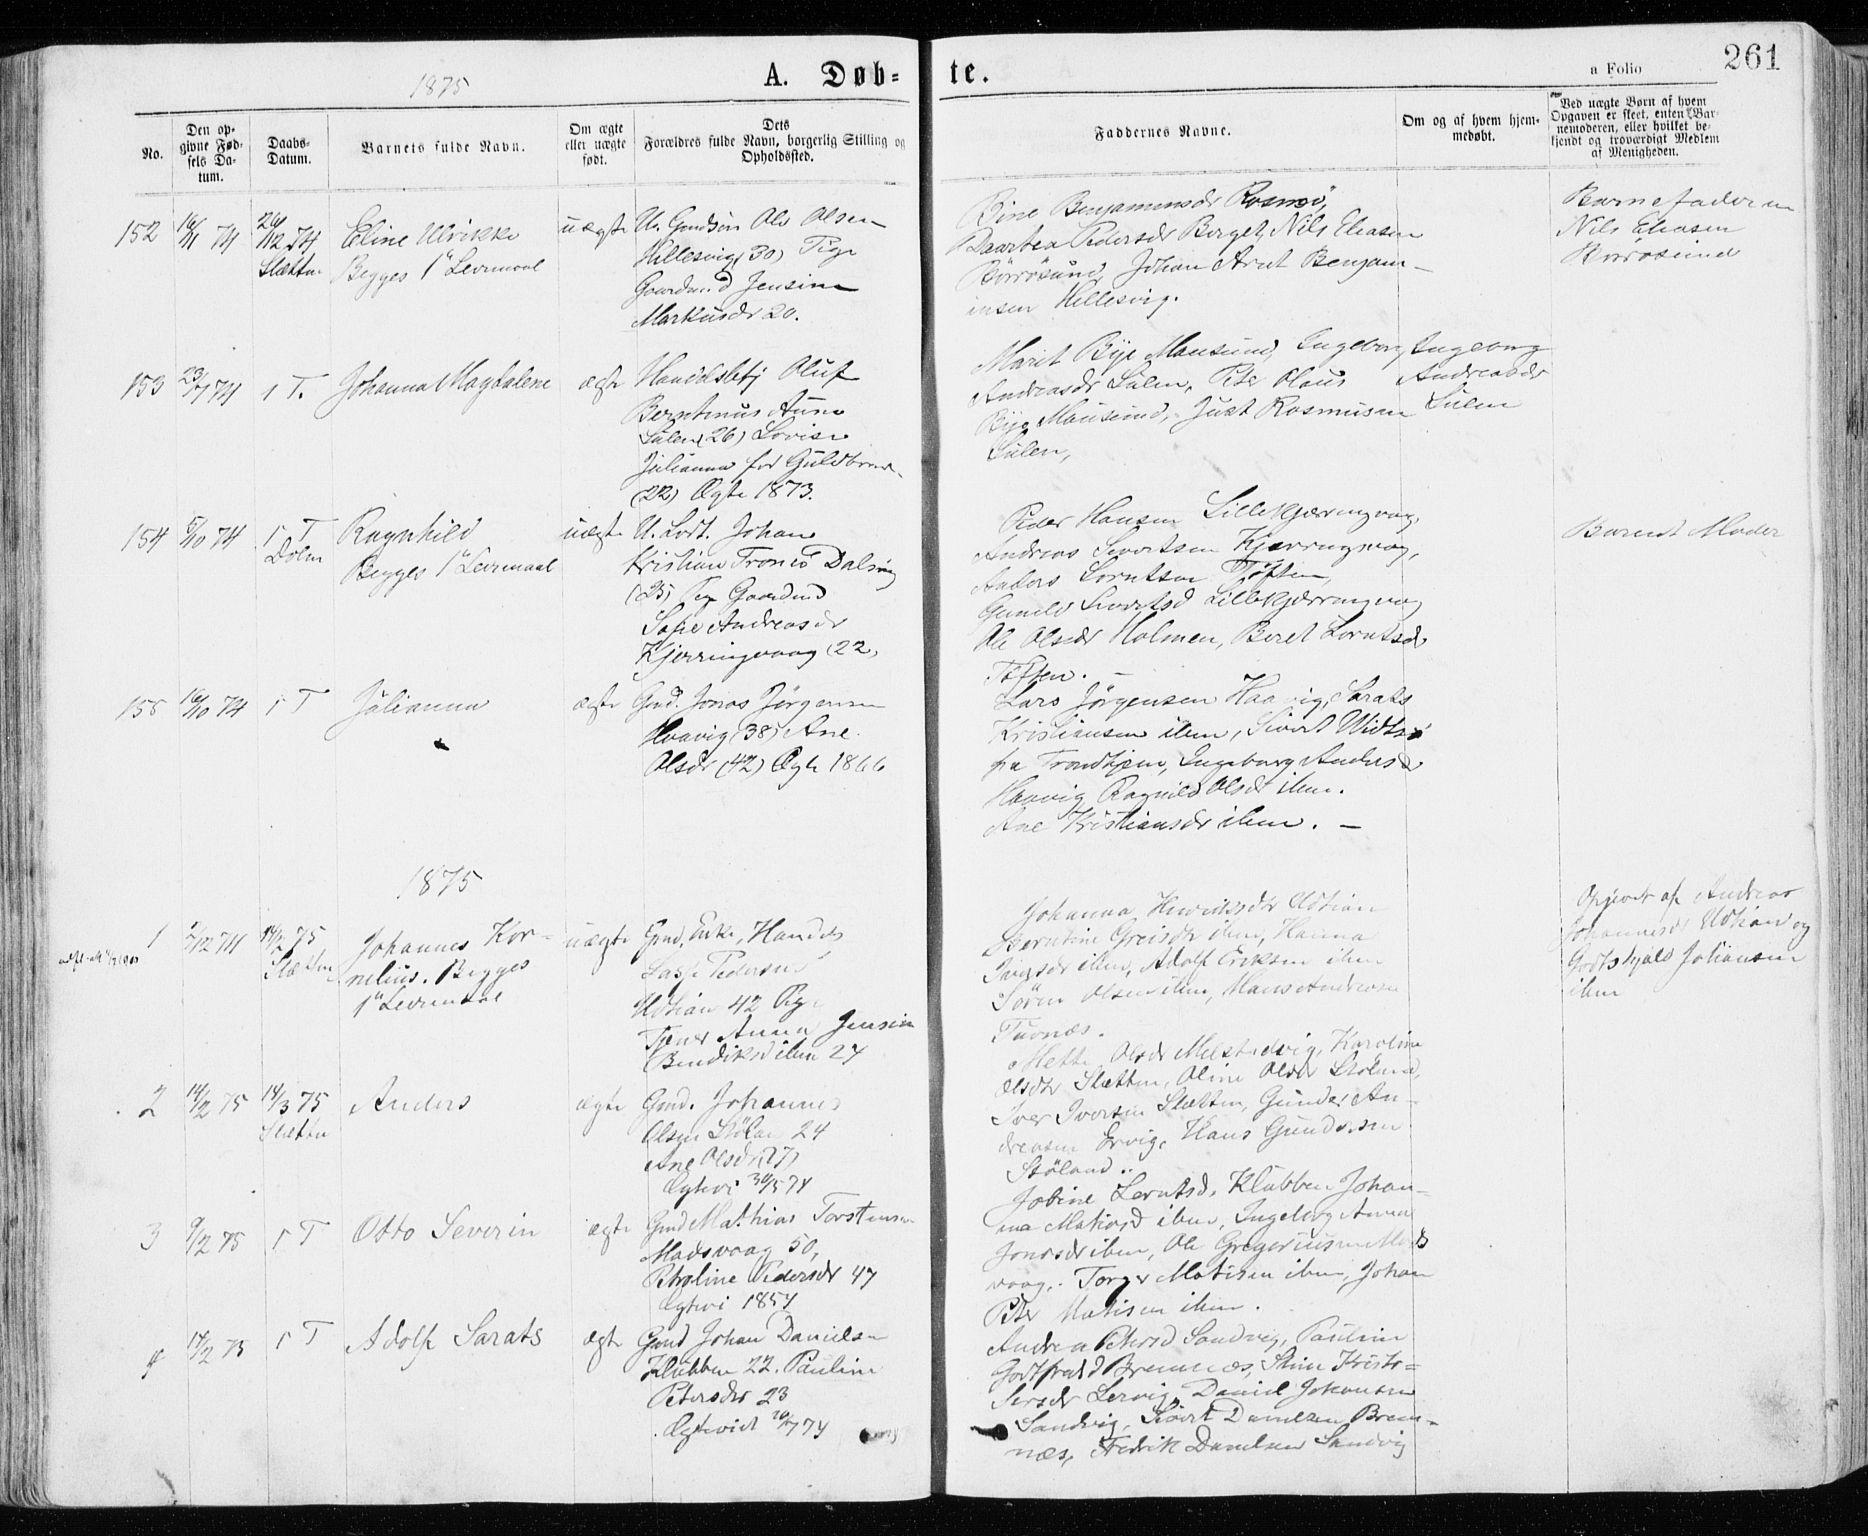 SAT, Ministerialprotokoller, klokkerbøker og fødselsregistre - Sør-Trøndelag, 640/L0576: Ministerialbok nr. 640A01, 1846-1876, s. 261